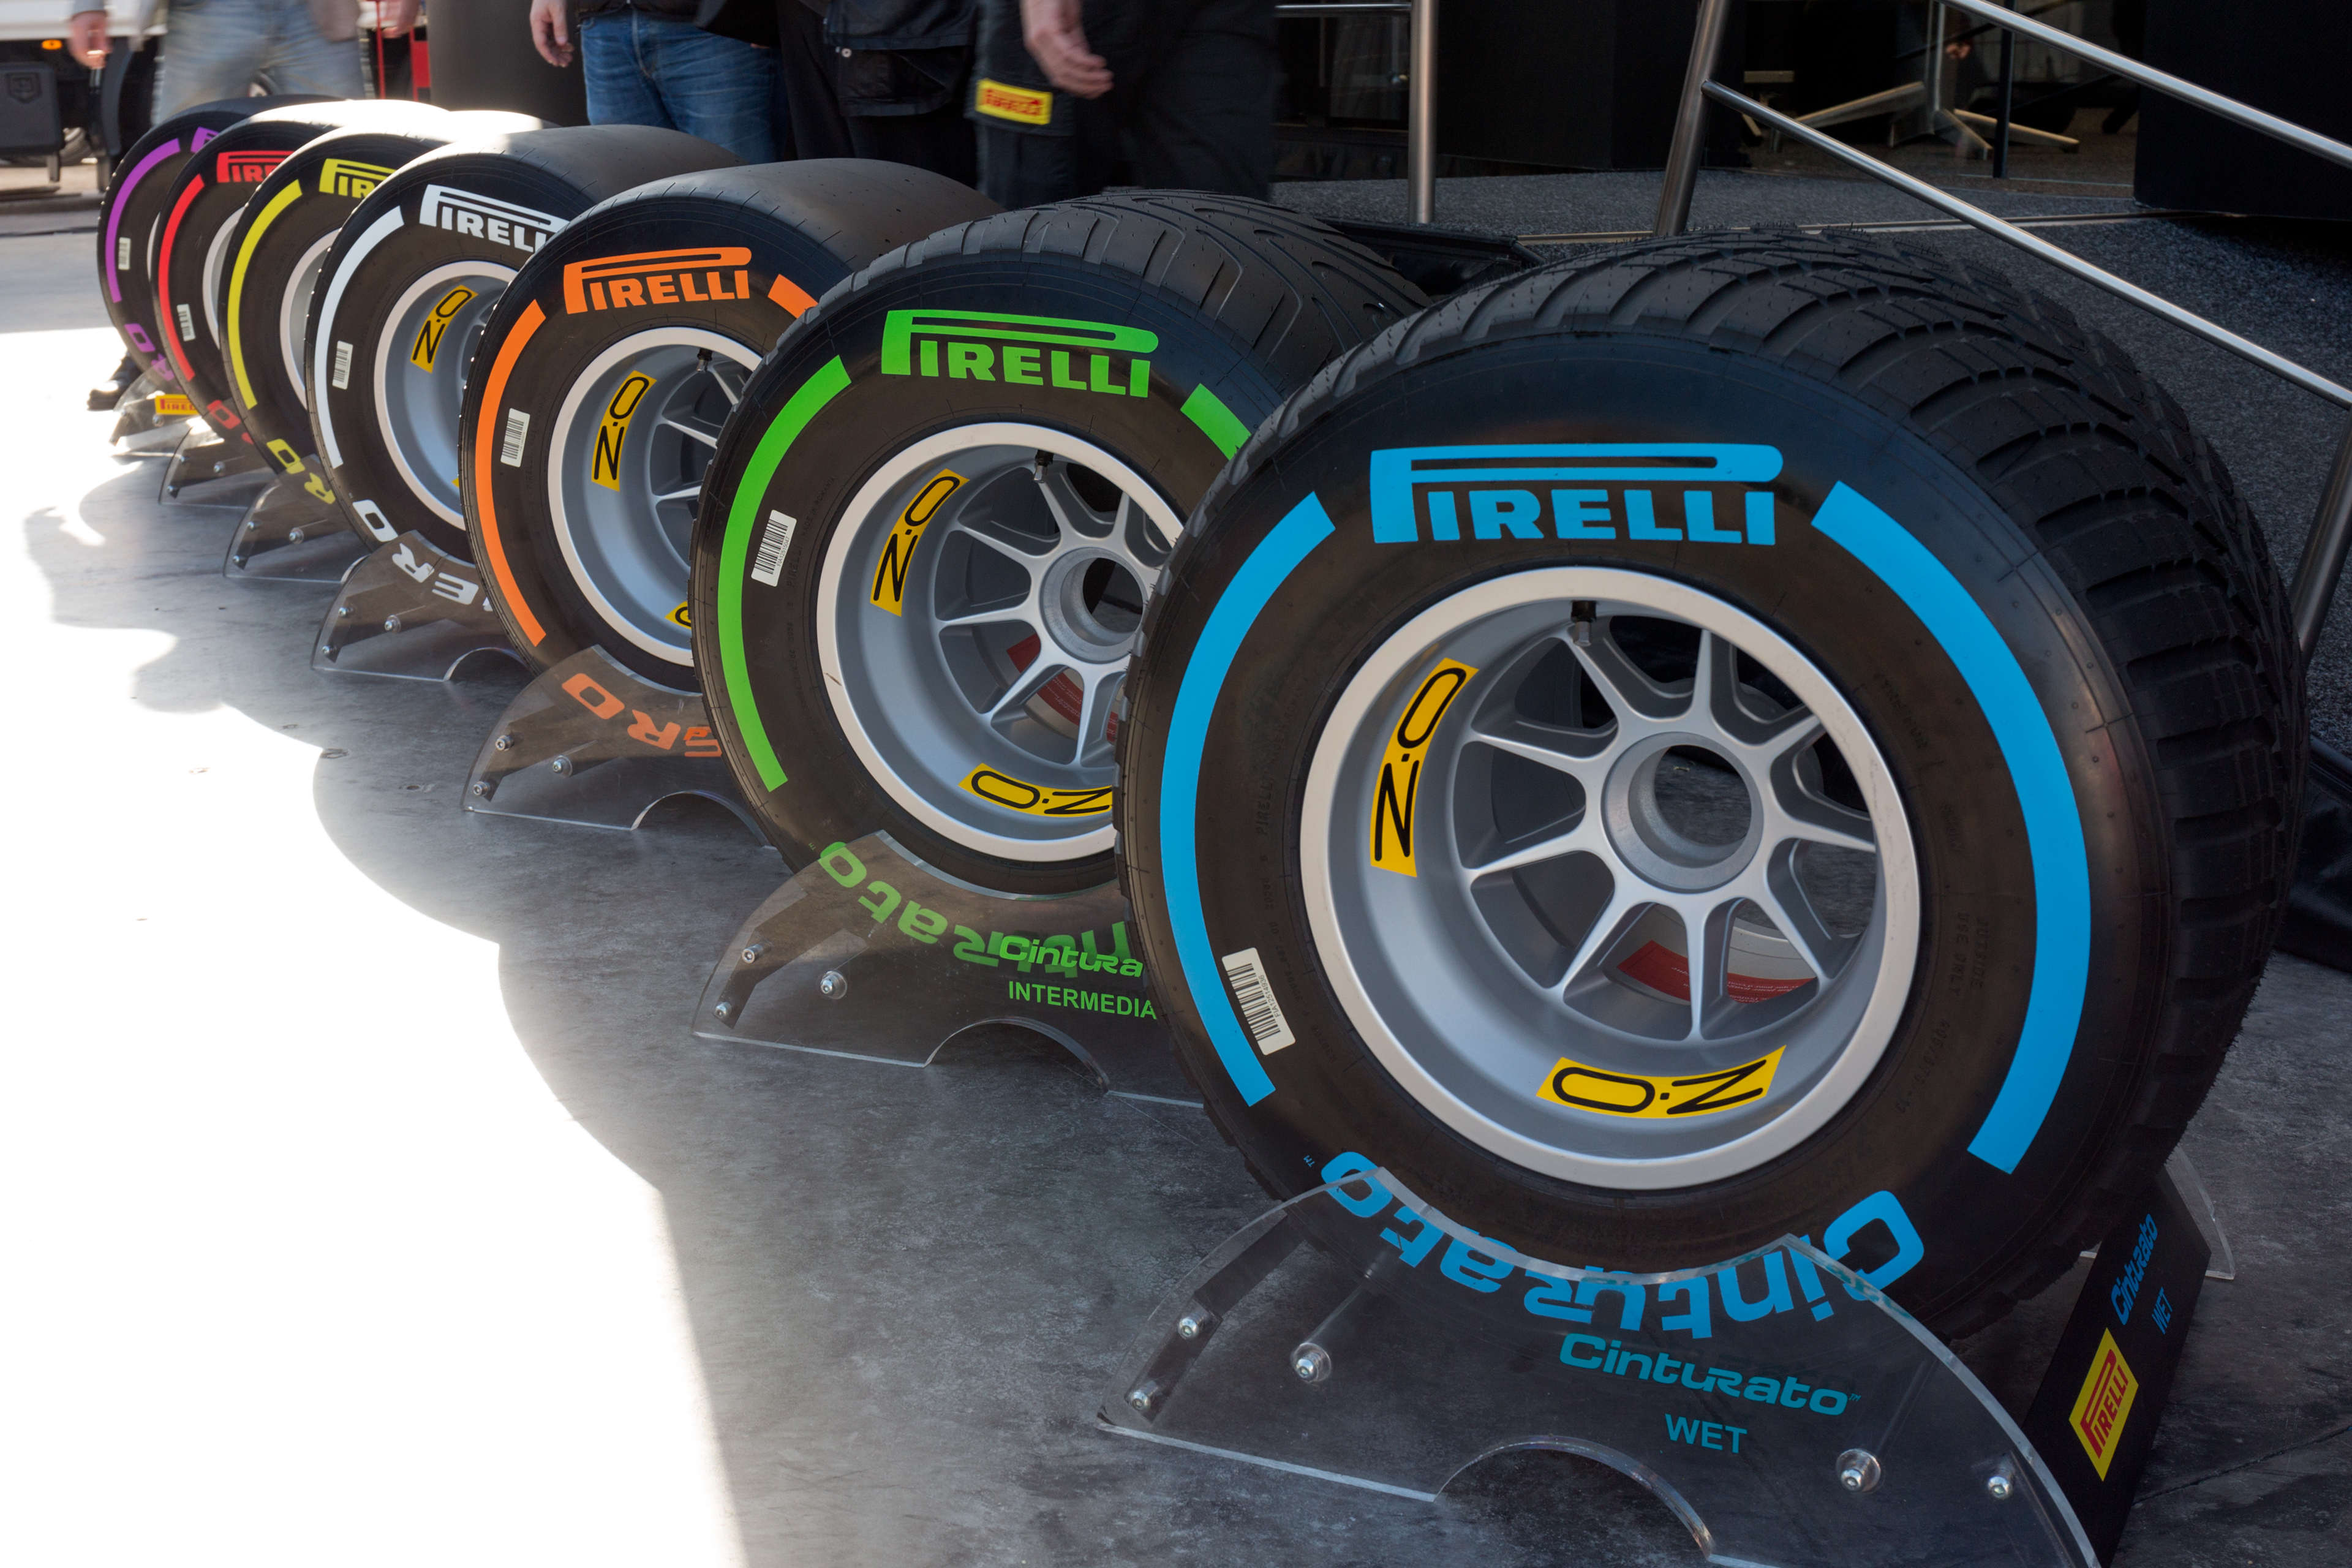 Le gomme fornite dalla Pirelli nel Campionato mondiale di Formula 1 2017